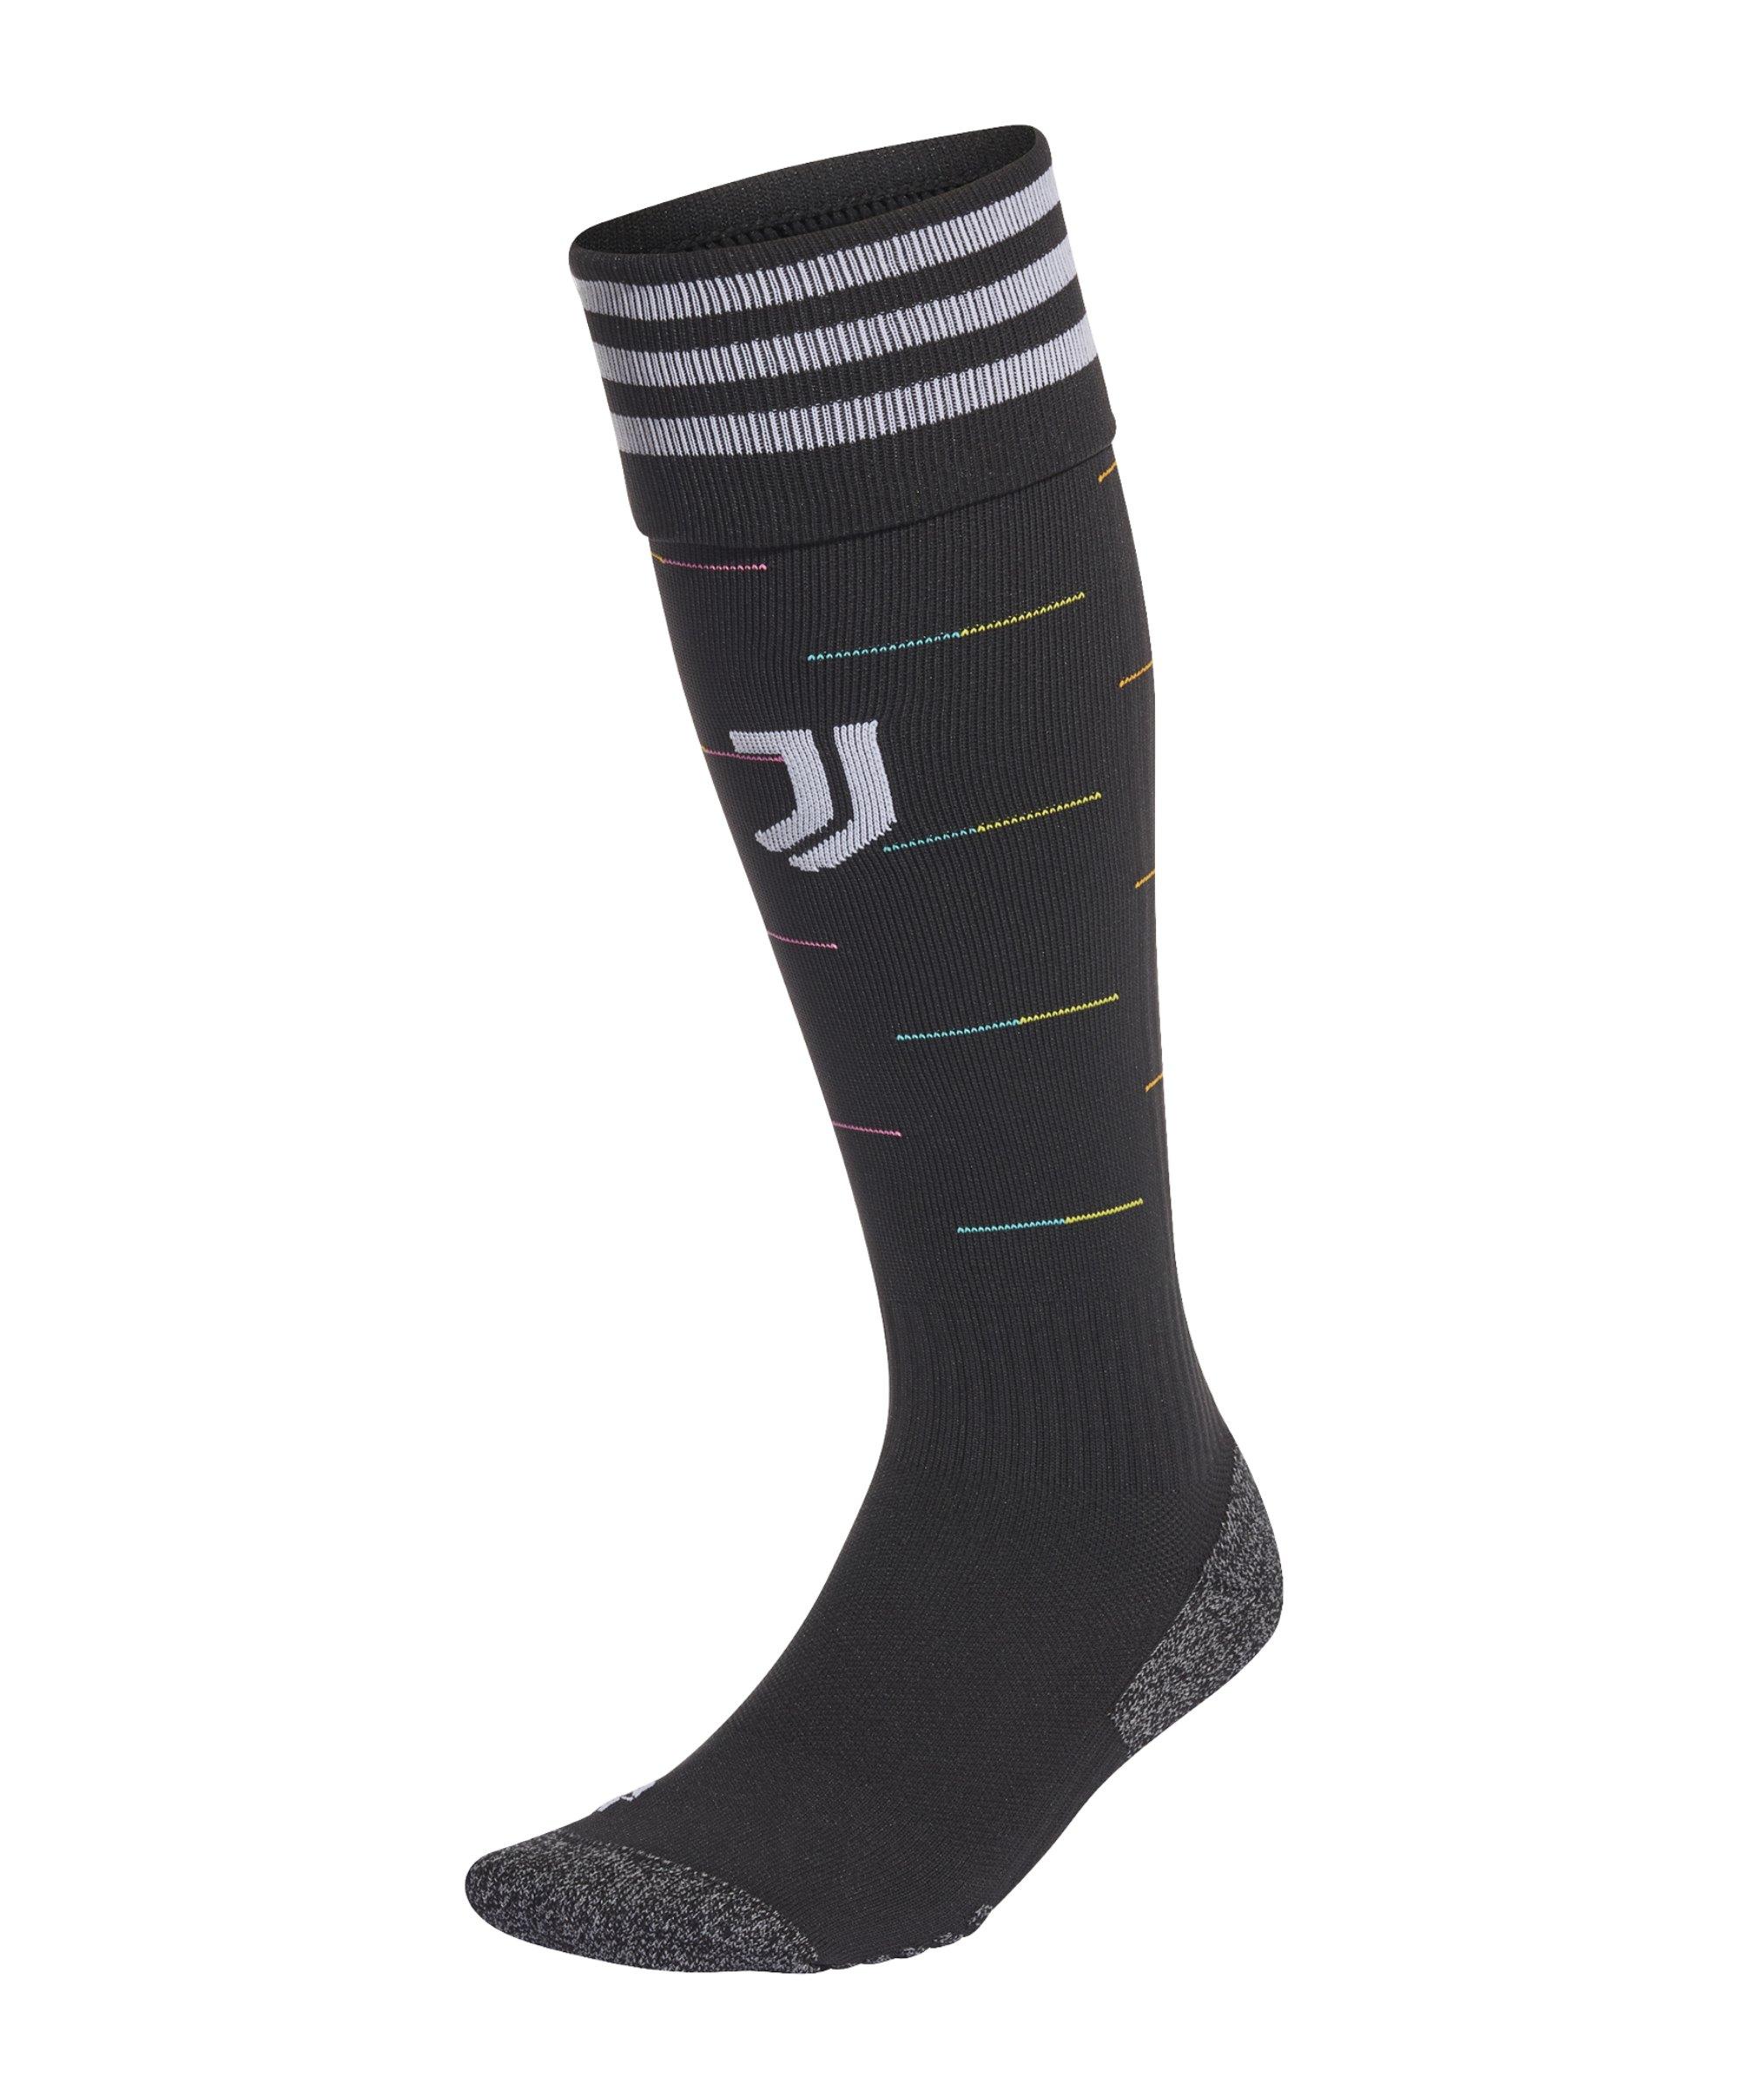 adidas Juventus Turin Stutzen Away 21/22 Schwarz - schwarz